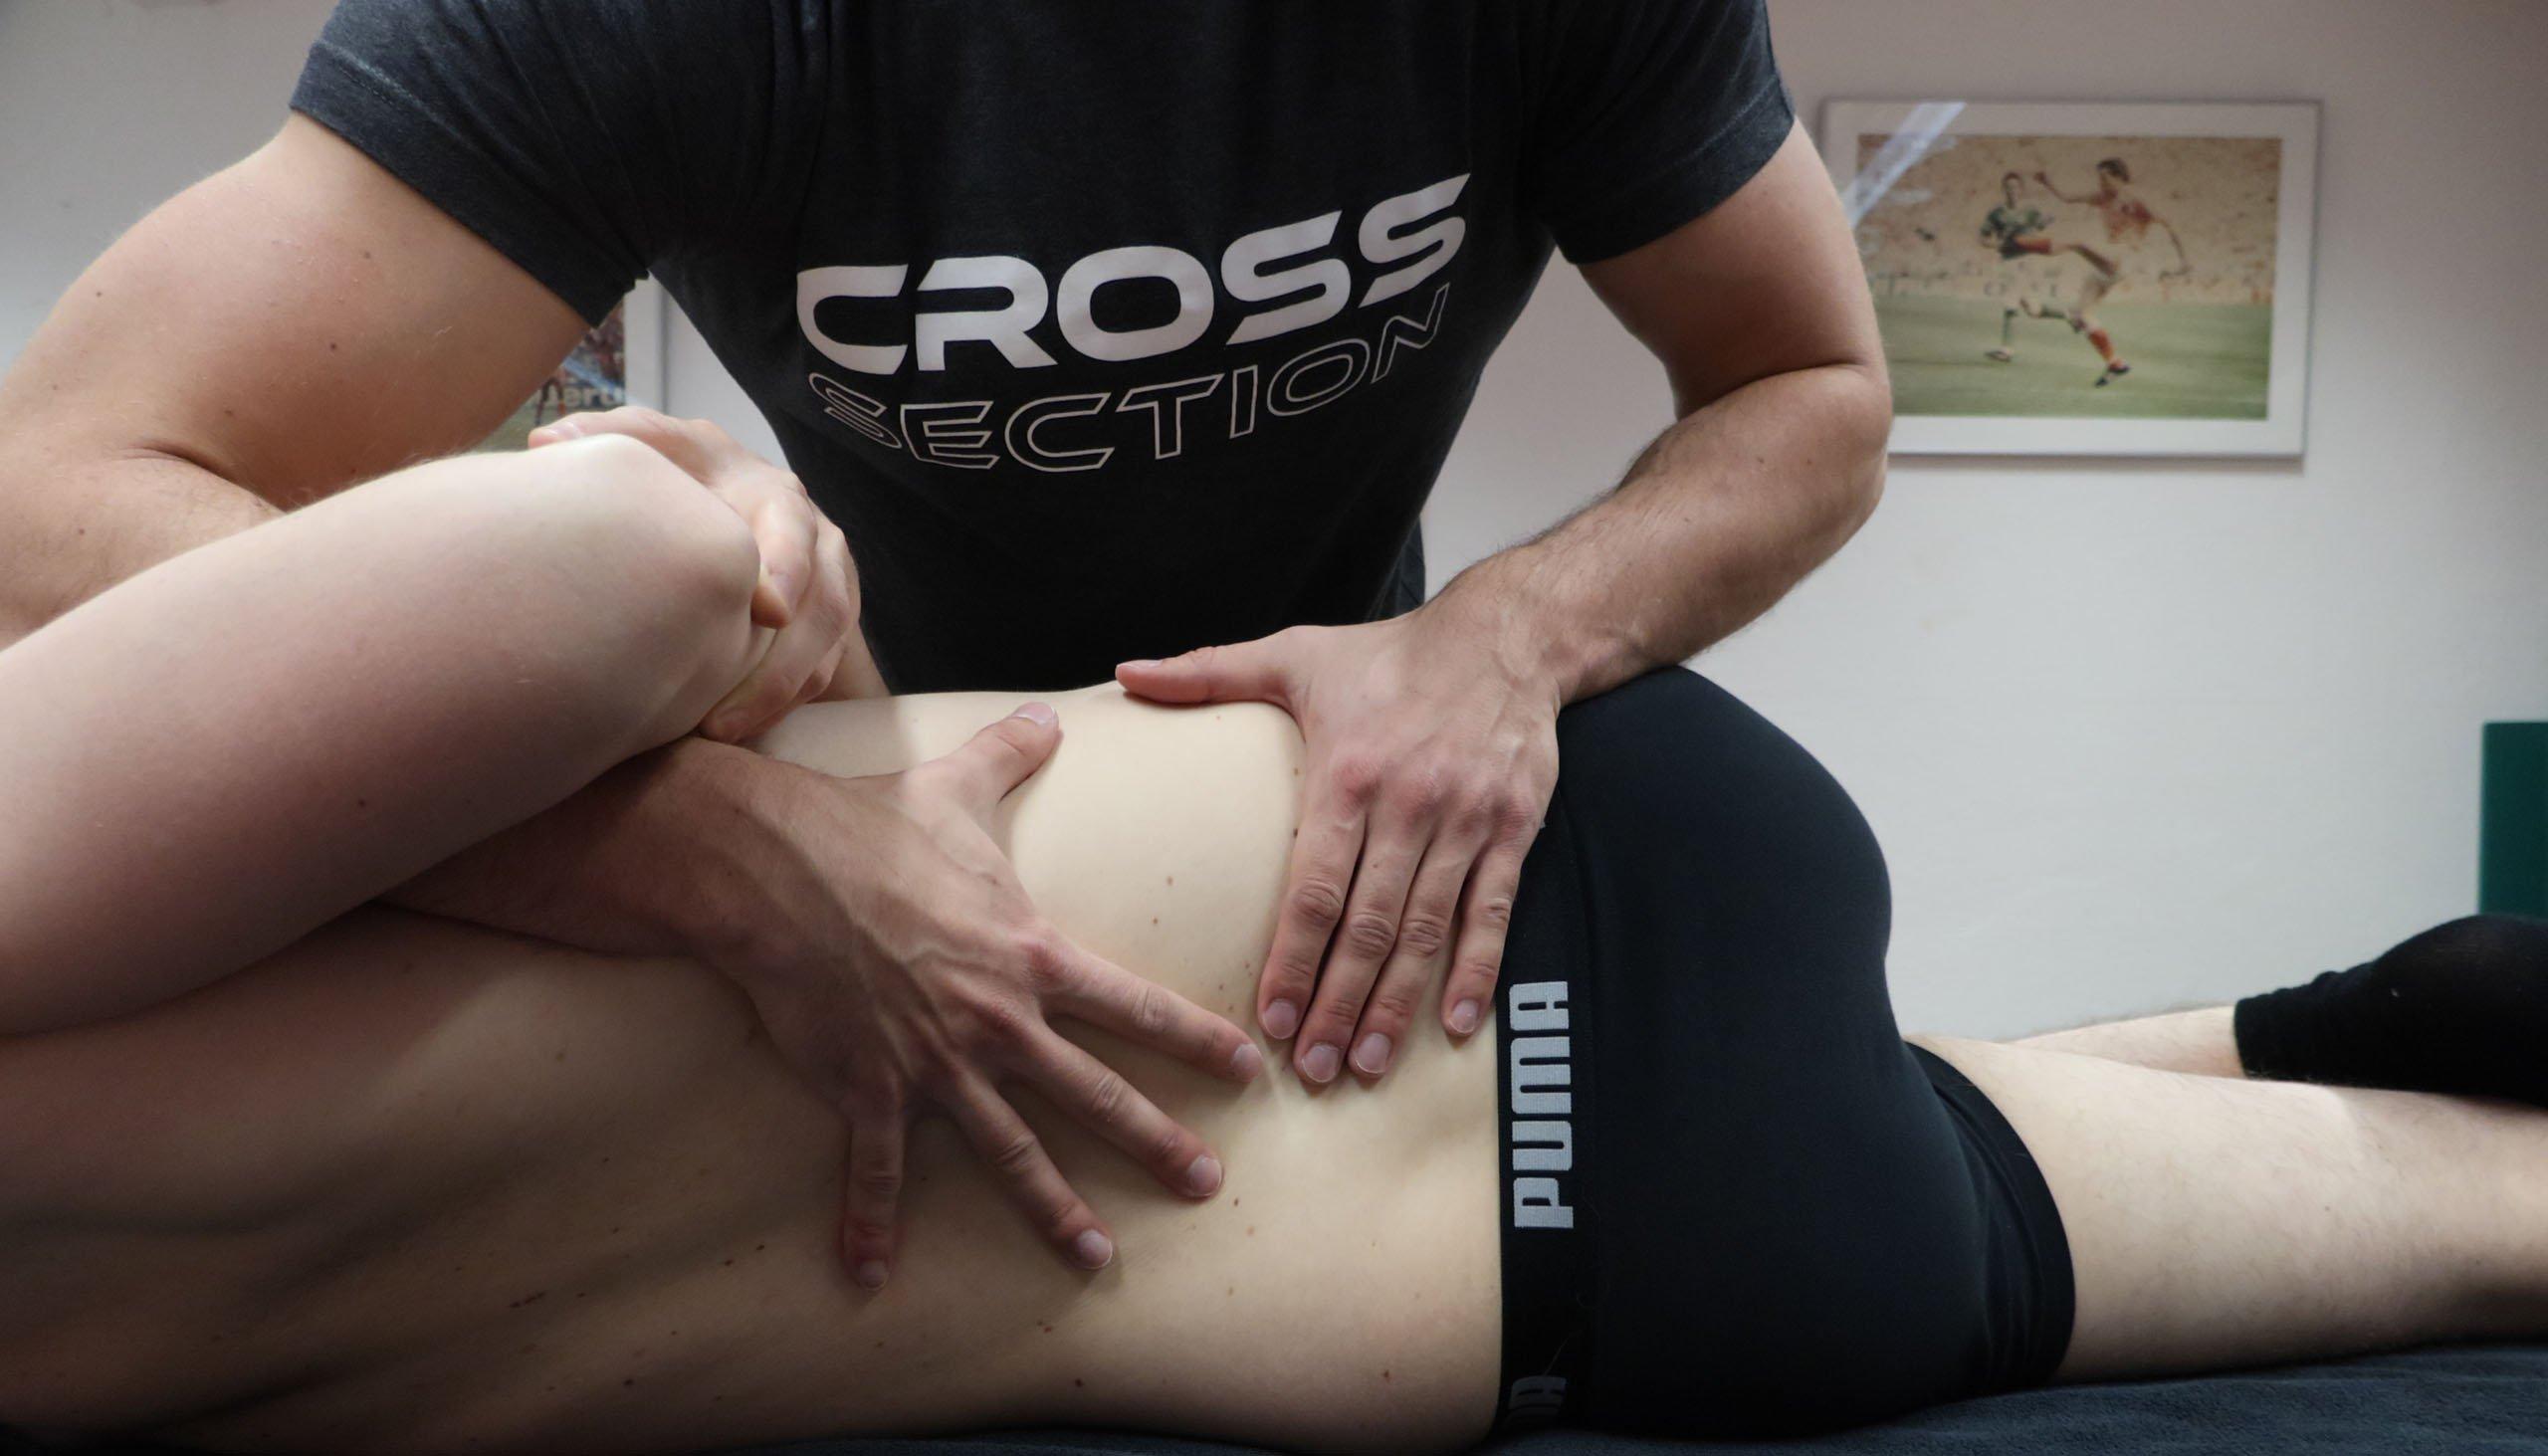 De behandeling van artrose